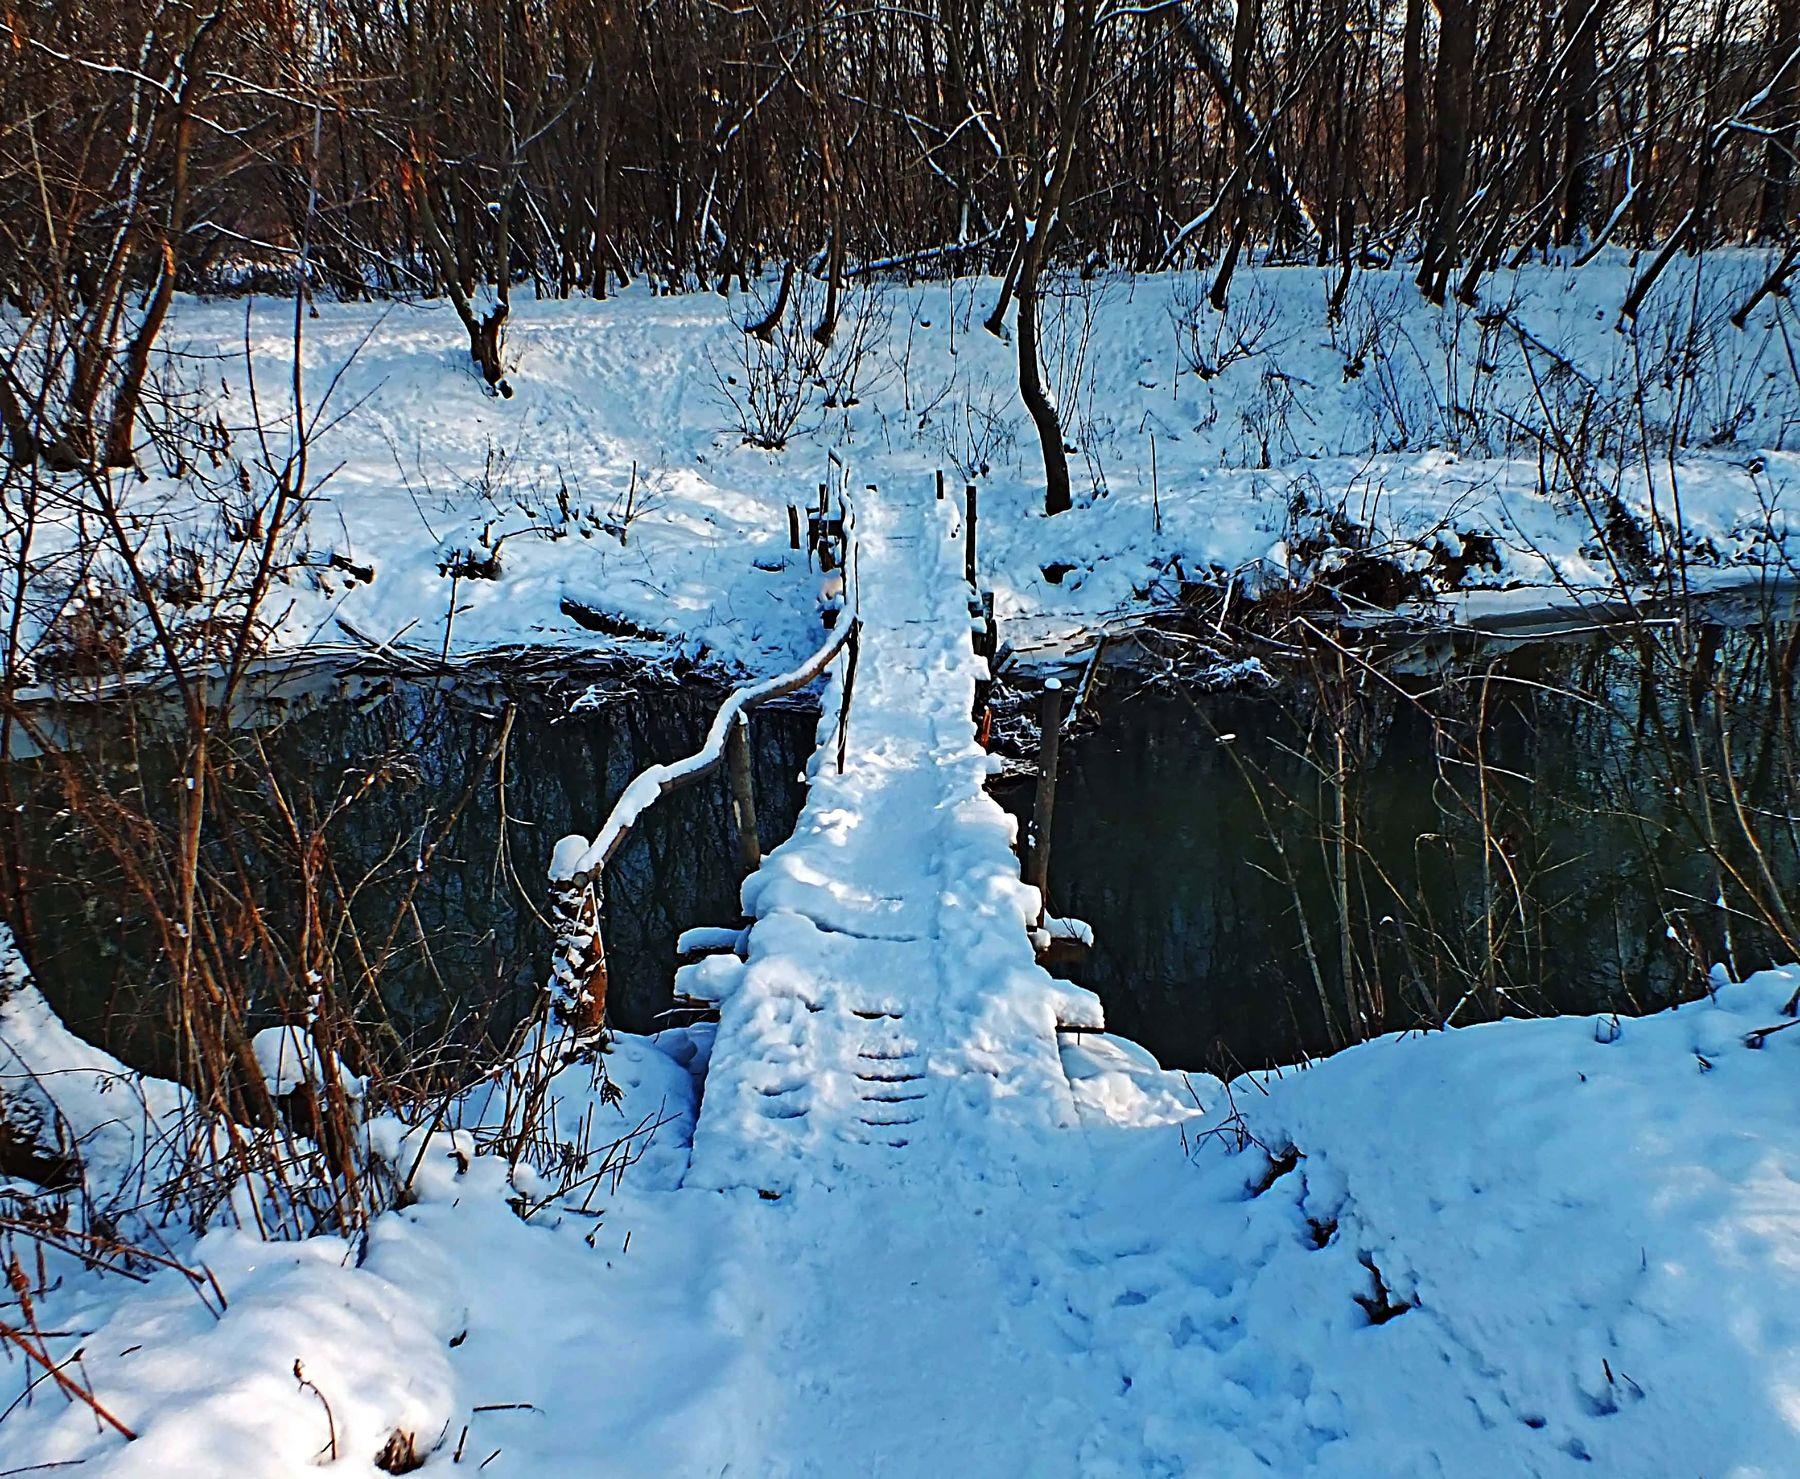 Мосток Тулица речка снег зима пейзаж